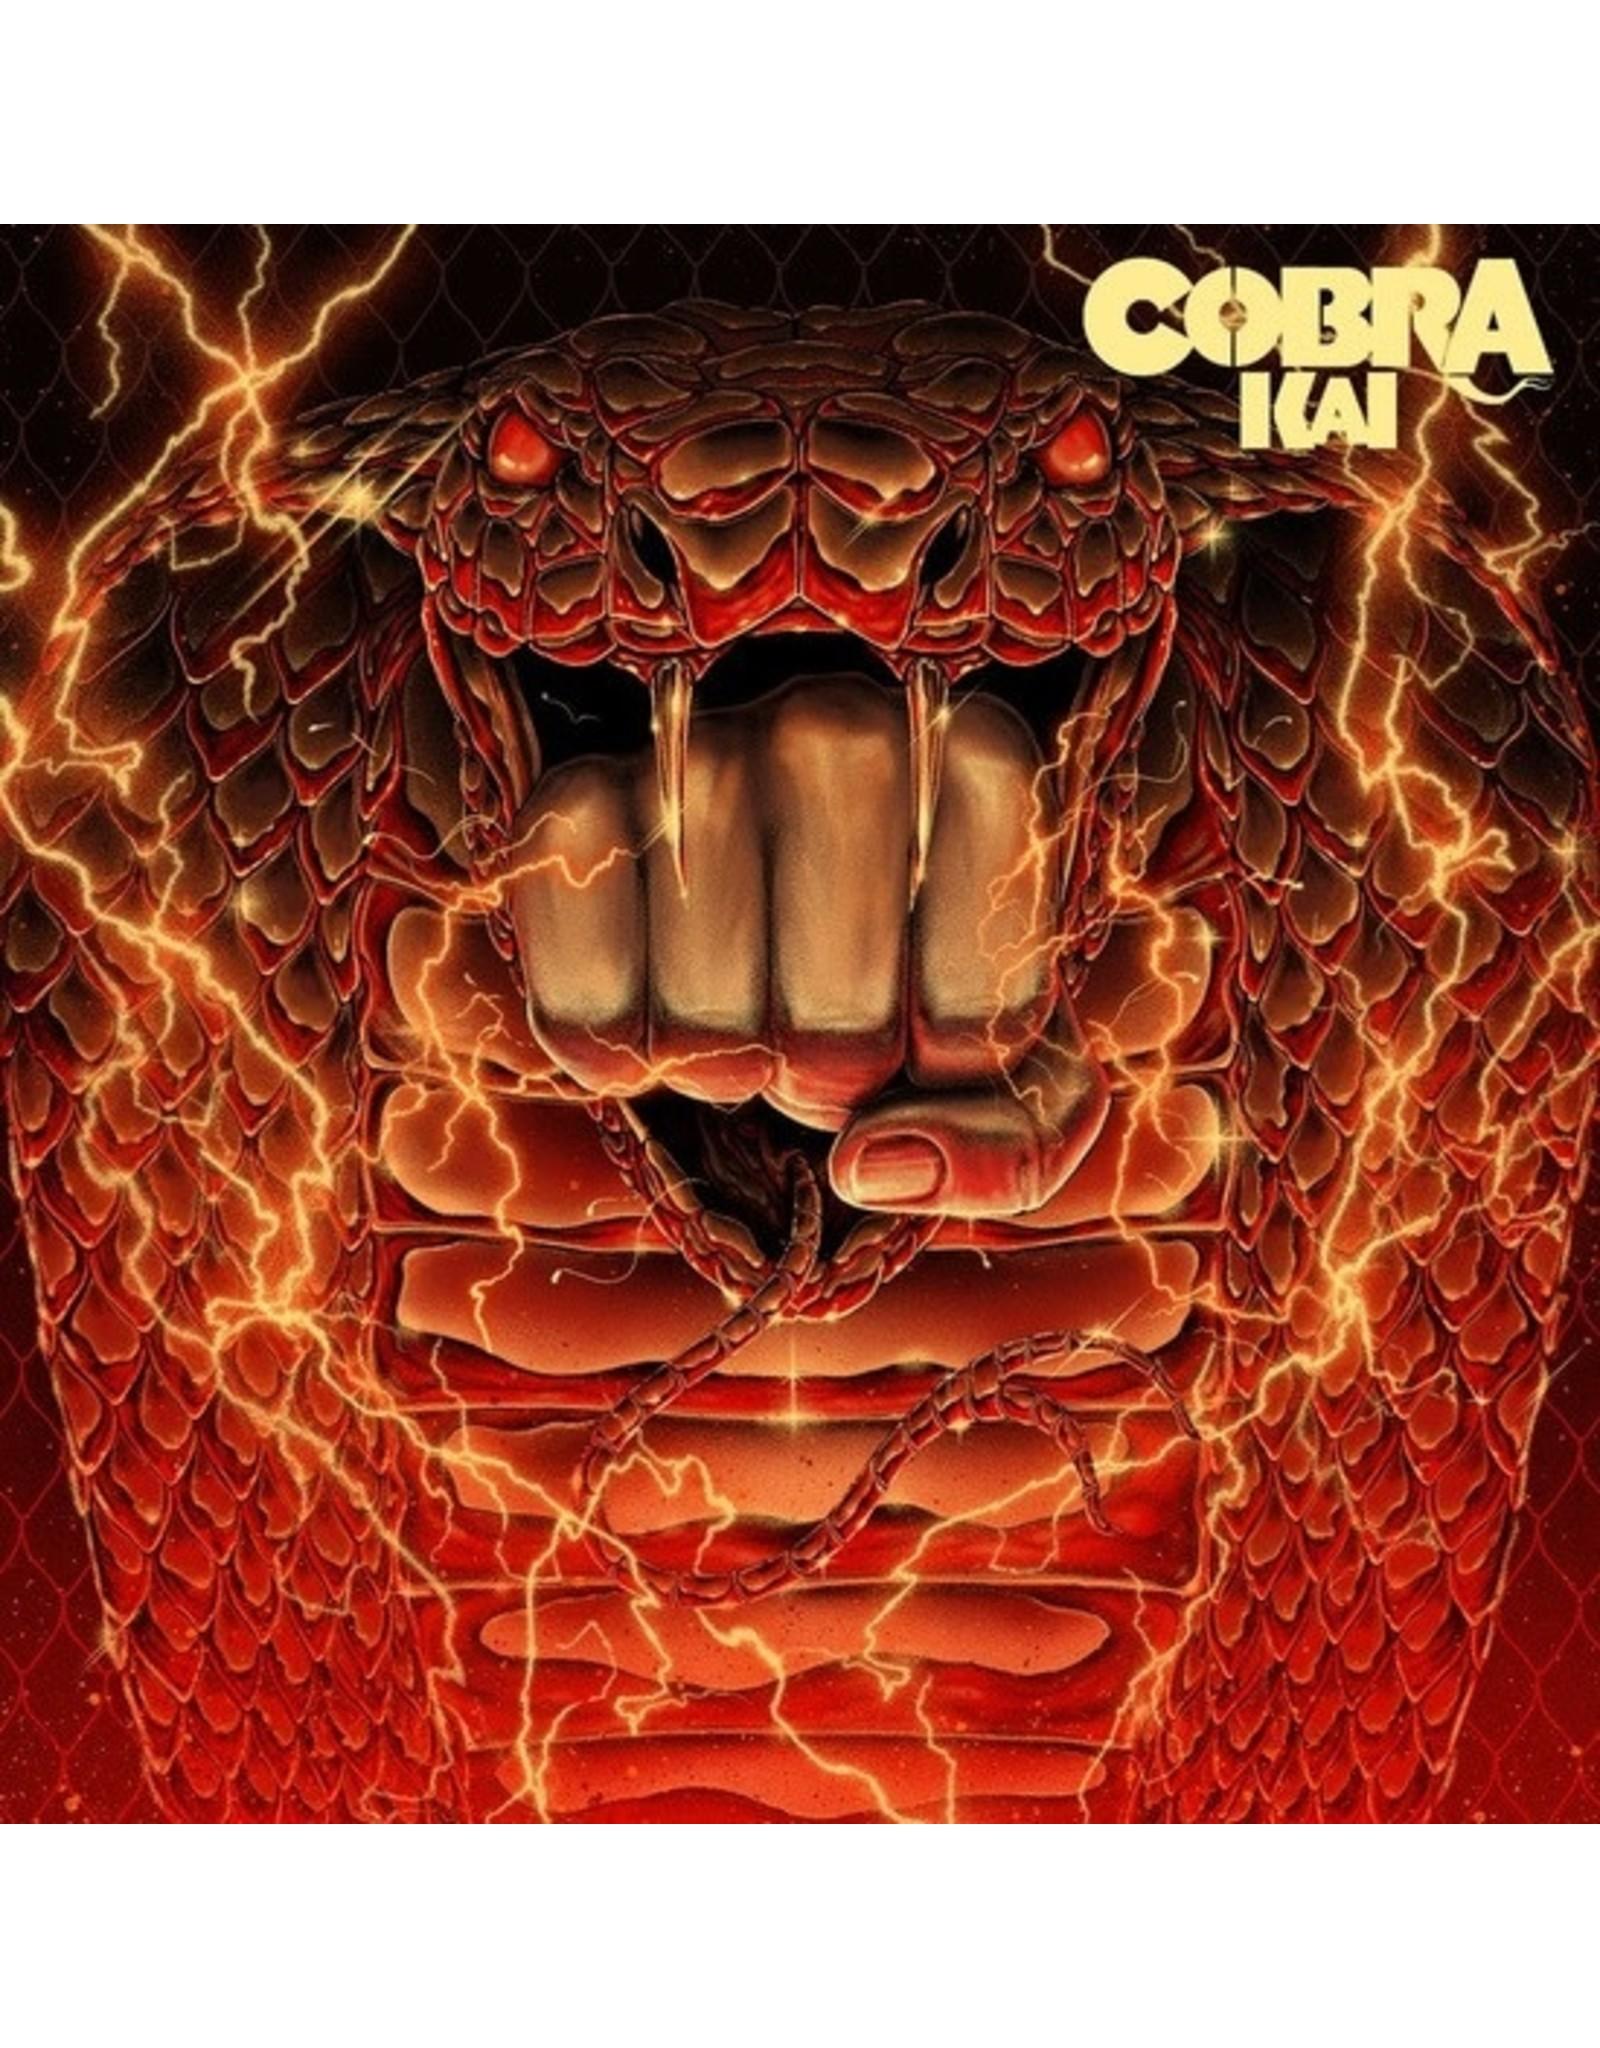 Mondo OST: Cobra Kai LP